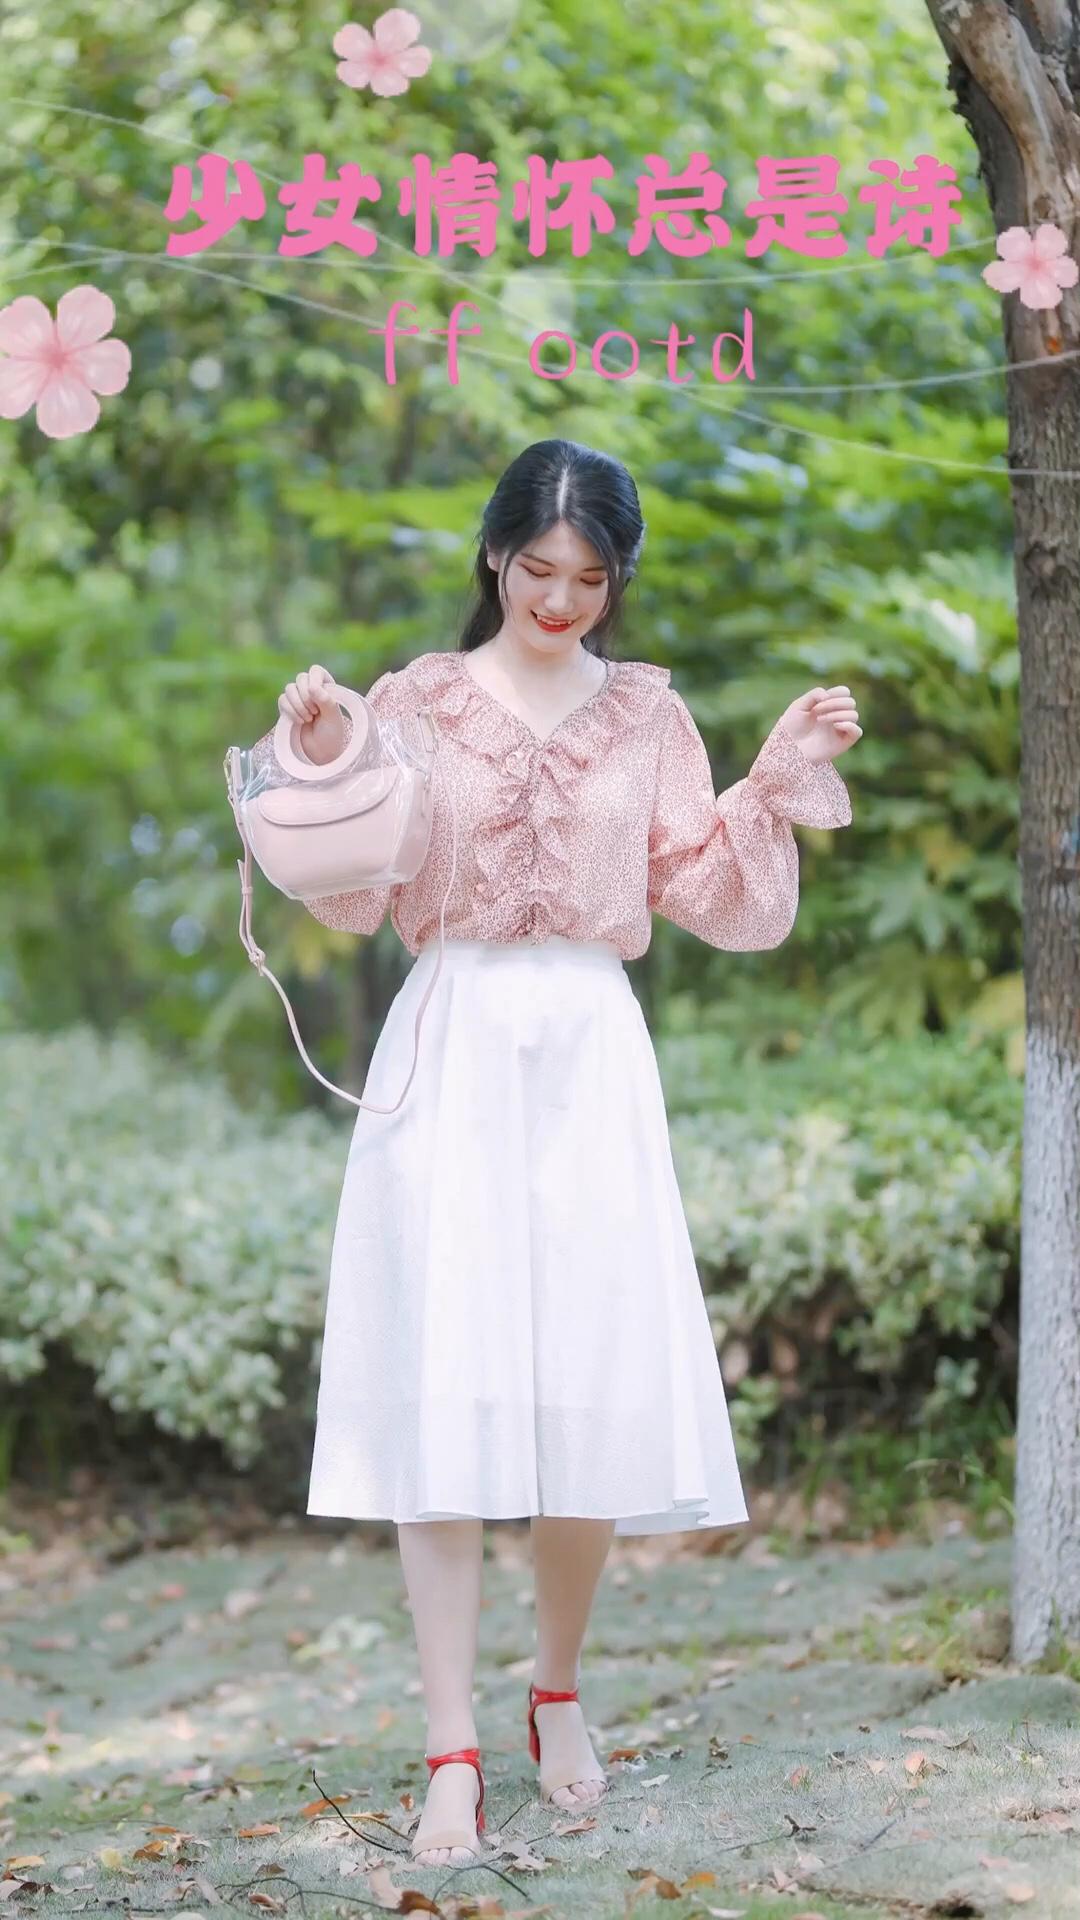 #520,男朋友希望你这么穿!#粉色碎花衬衫搭配白色A字大摆裙,遮肉显瘦又甜美!非常适合约会穿哦~包包选择了粉色的果冻包,很夏天~